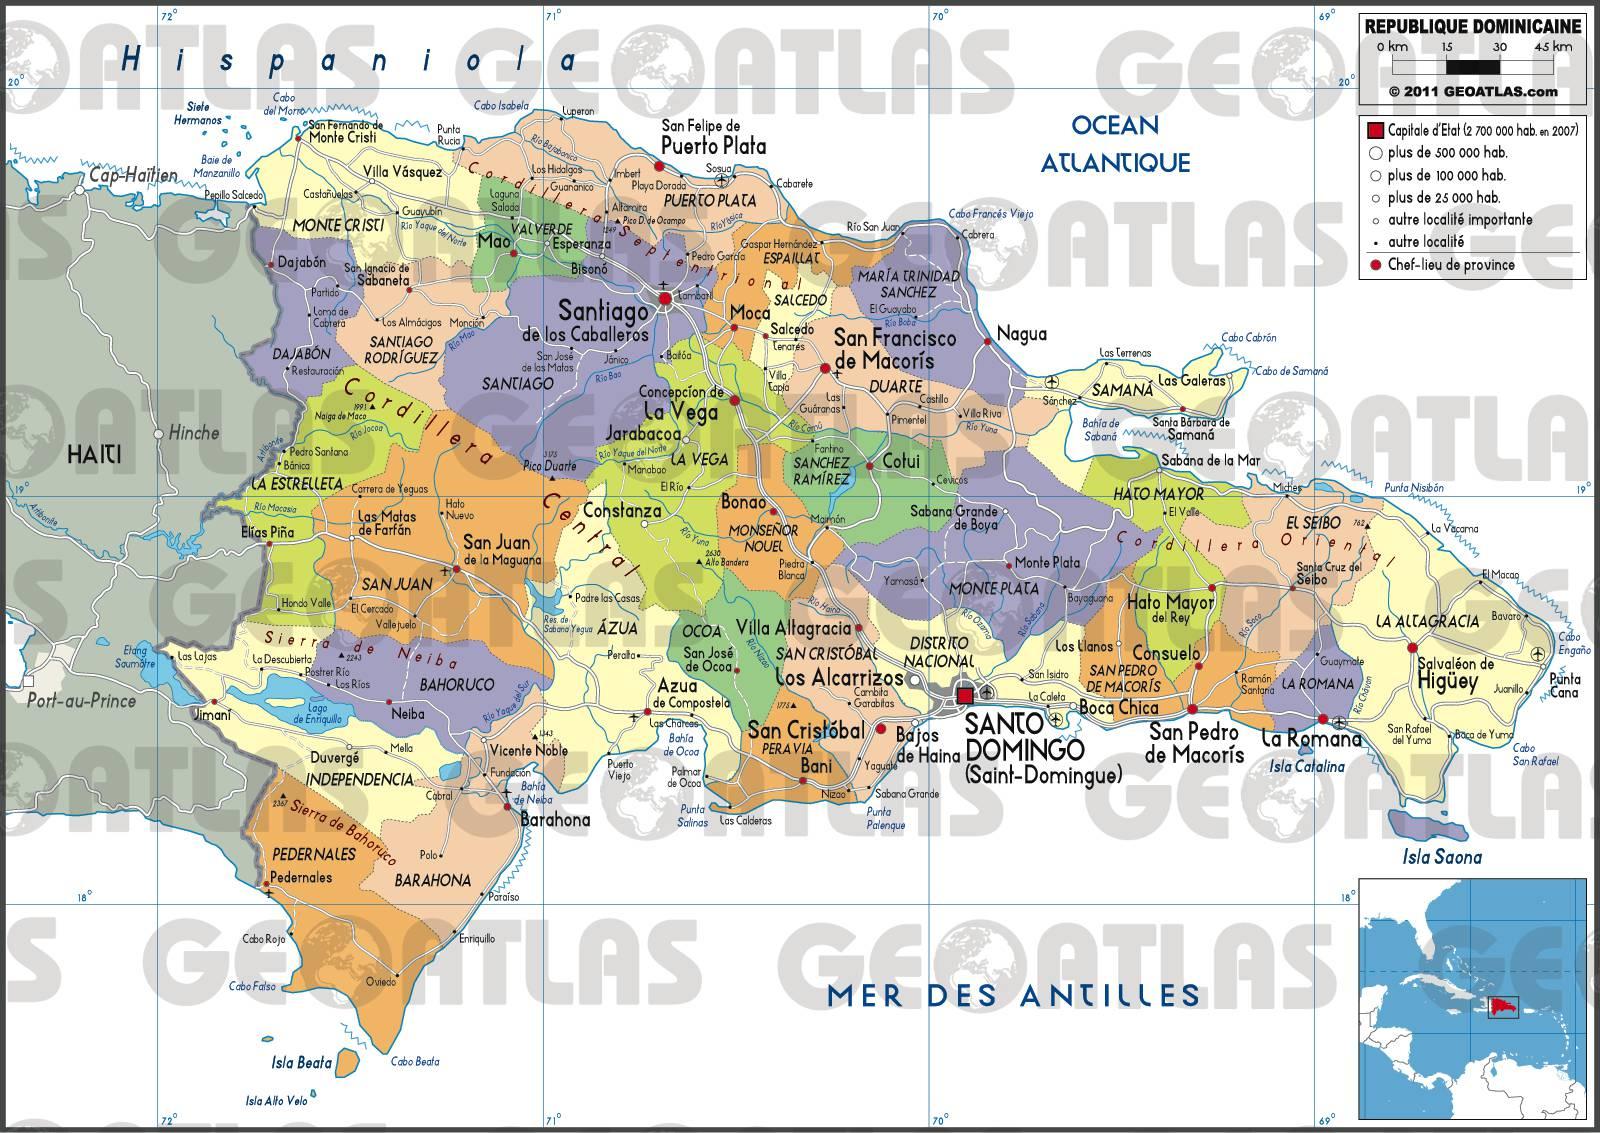 Carte des régions de la République dominicaine